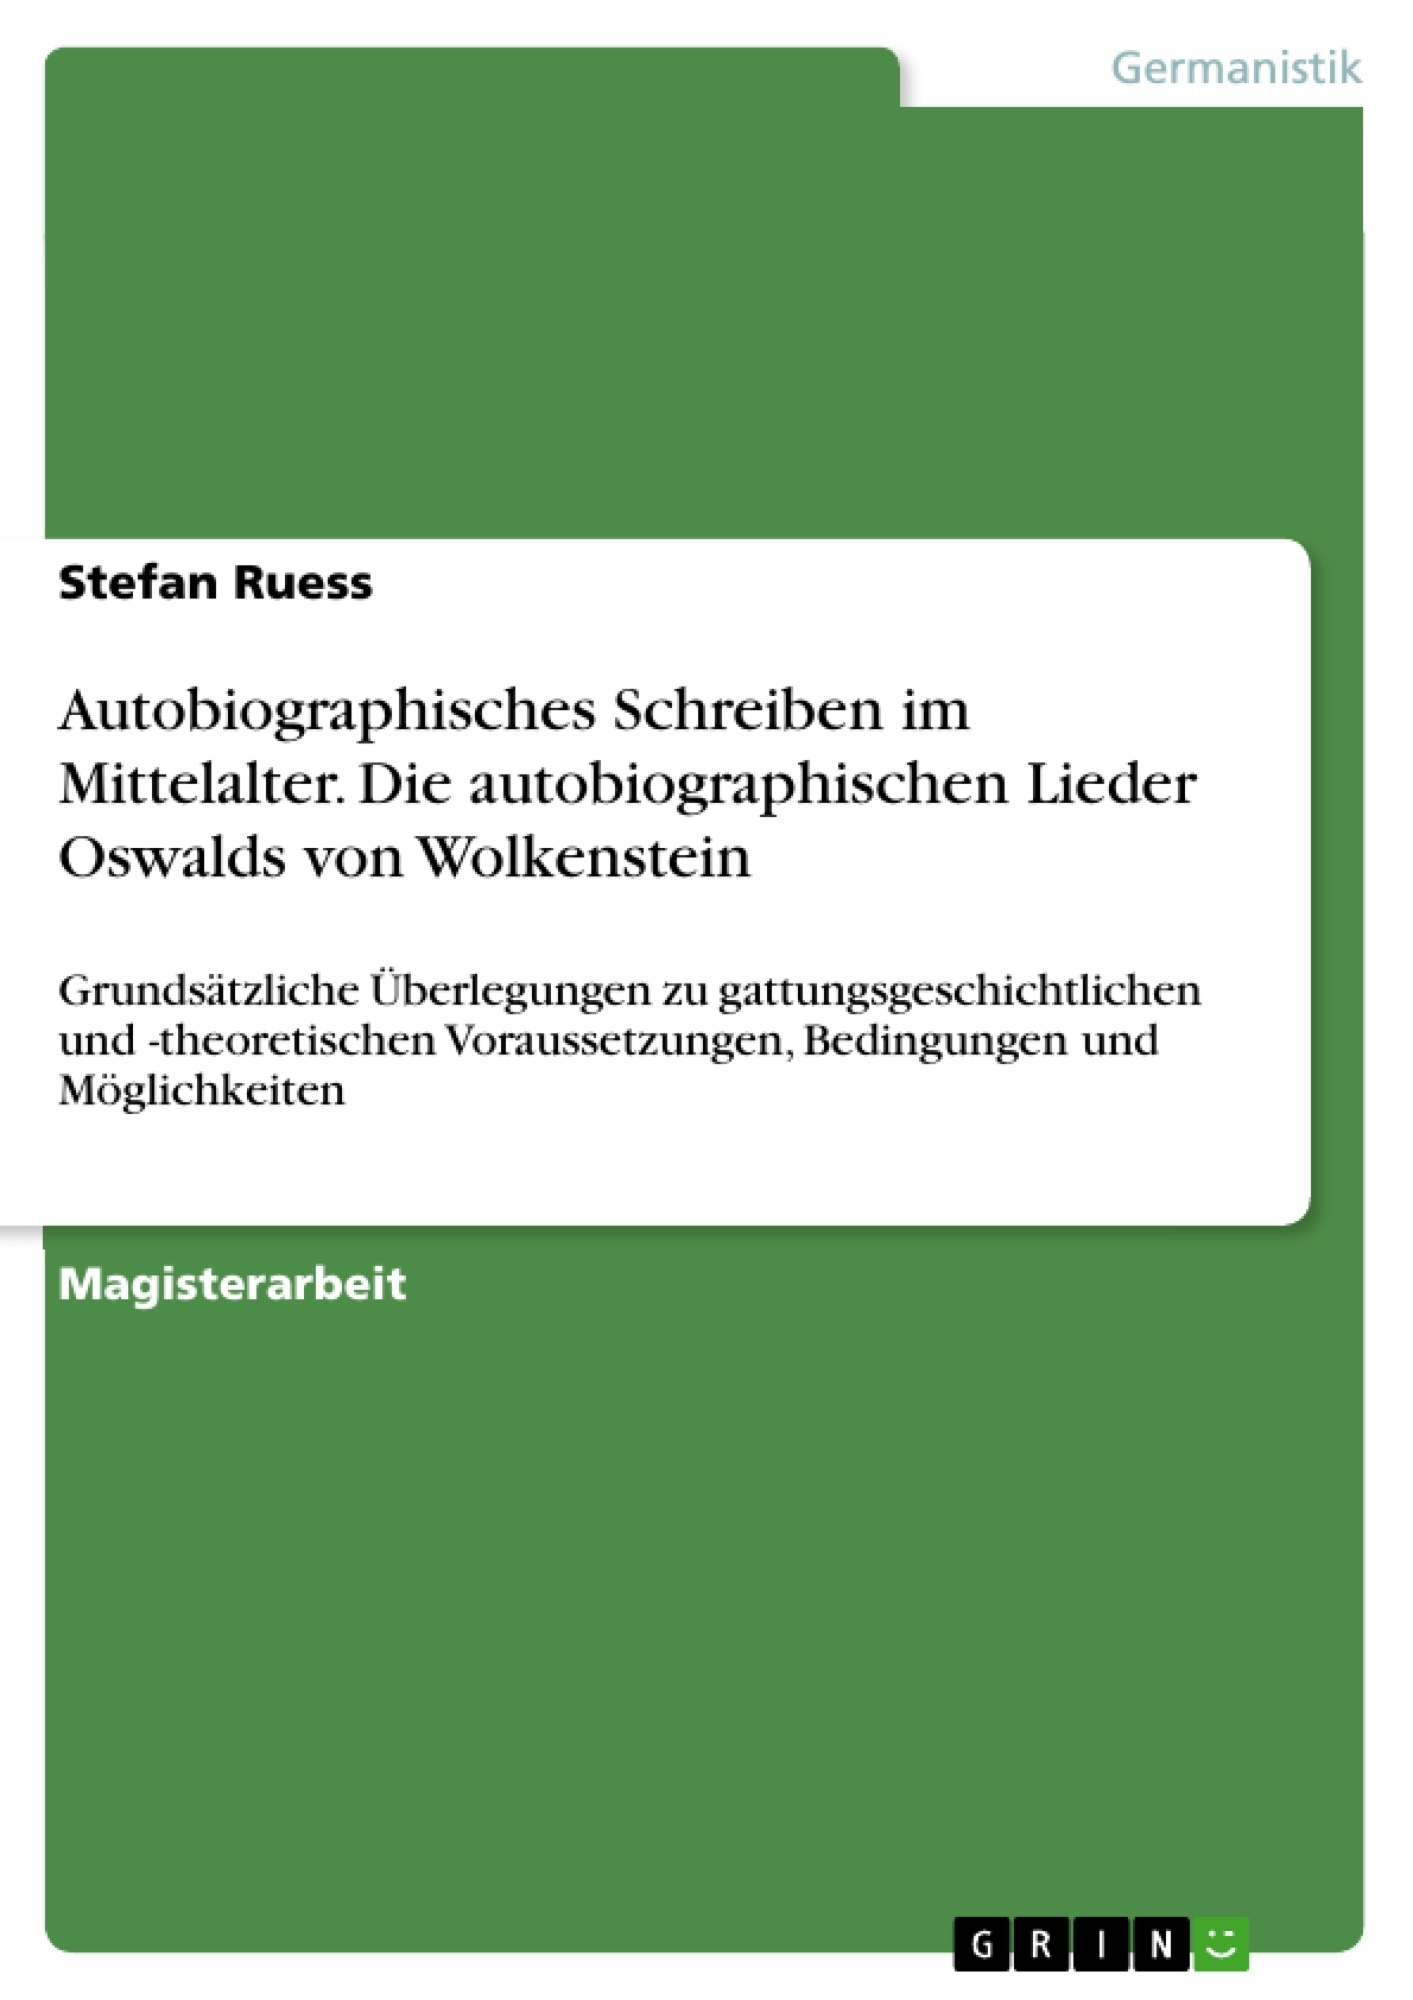 Titel: Autobiographisches Schreiben im Mittelalter. Die autobiographischen Lieder Oswalds von Wolkenstein